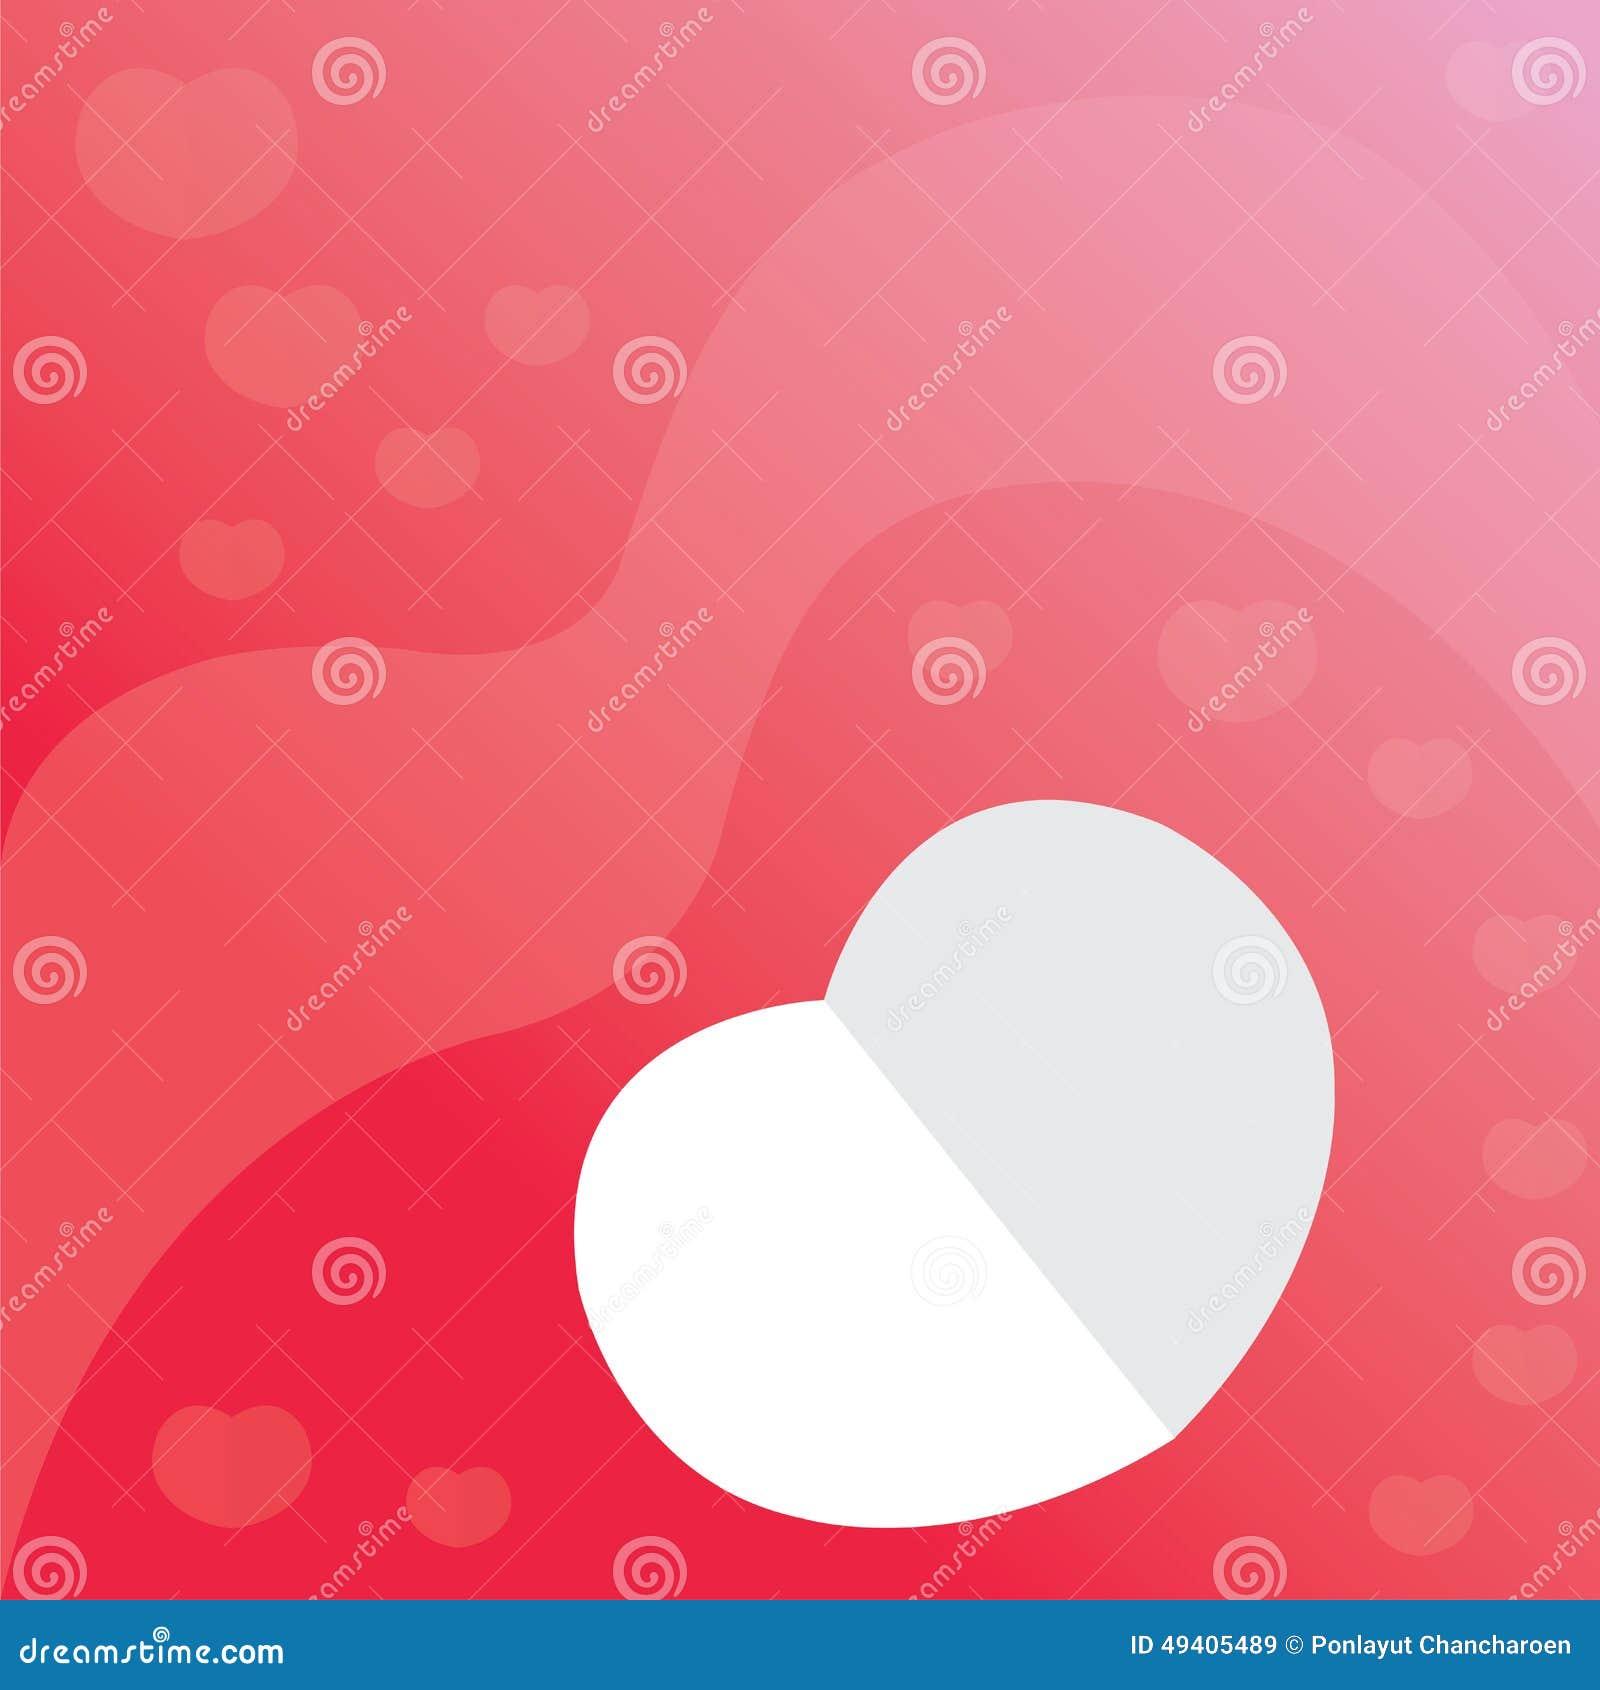 Download Illustrationsvalentinsgruß-Kartenherz Vektor Abbildung - Illustration von liebe, papier: 49405489